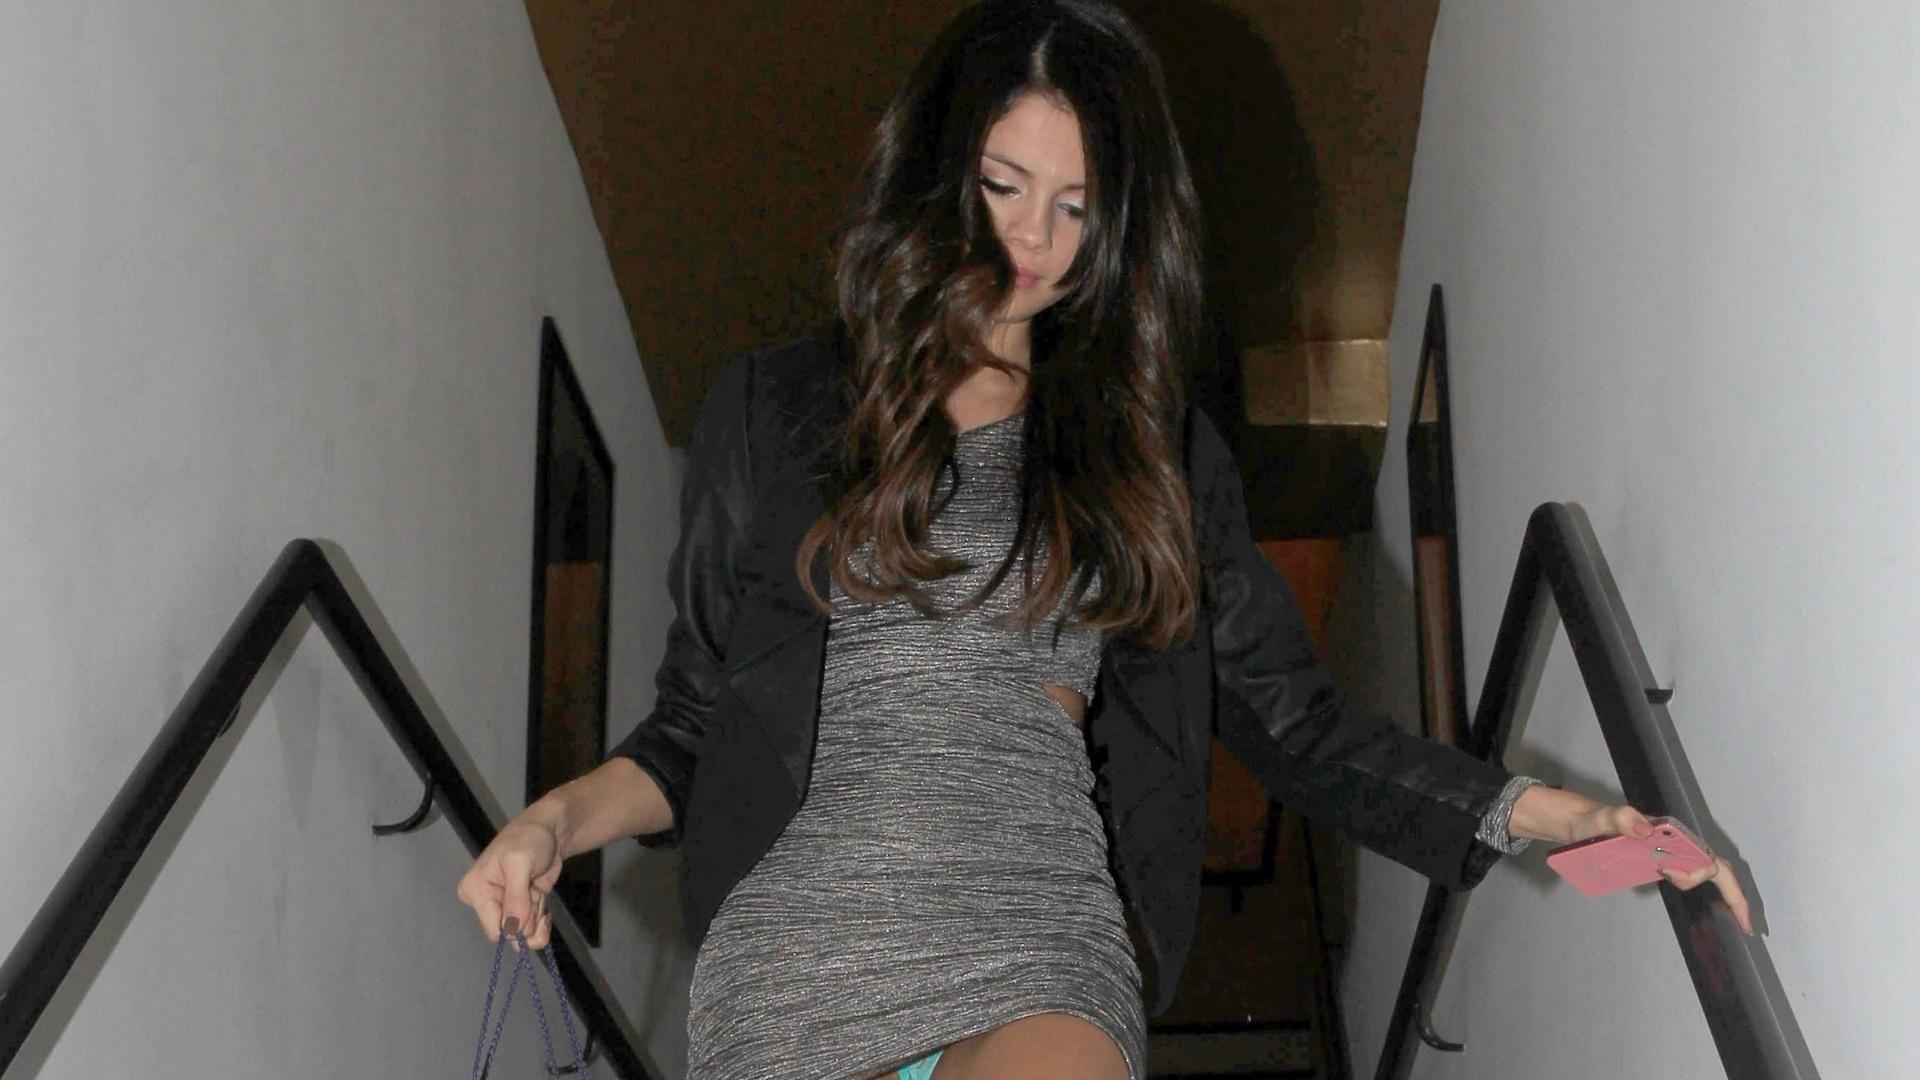 Com vestido curto, Selena Gomez deixa calcinha aparecer ao descer escada (03/11/2011)